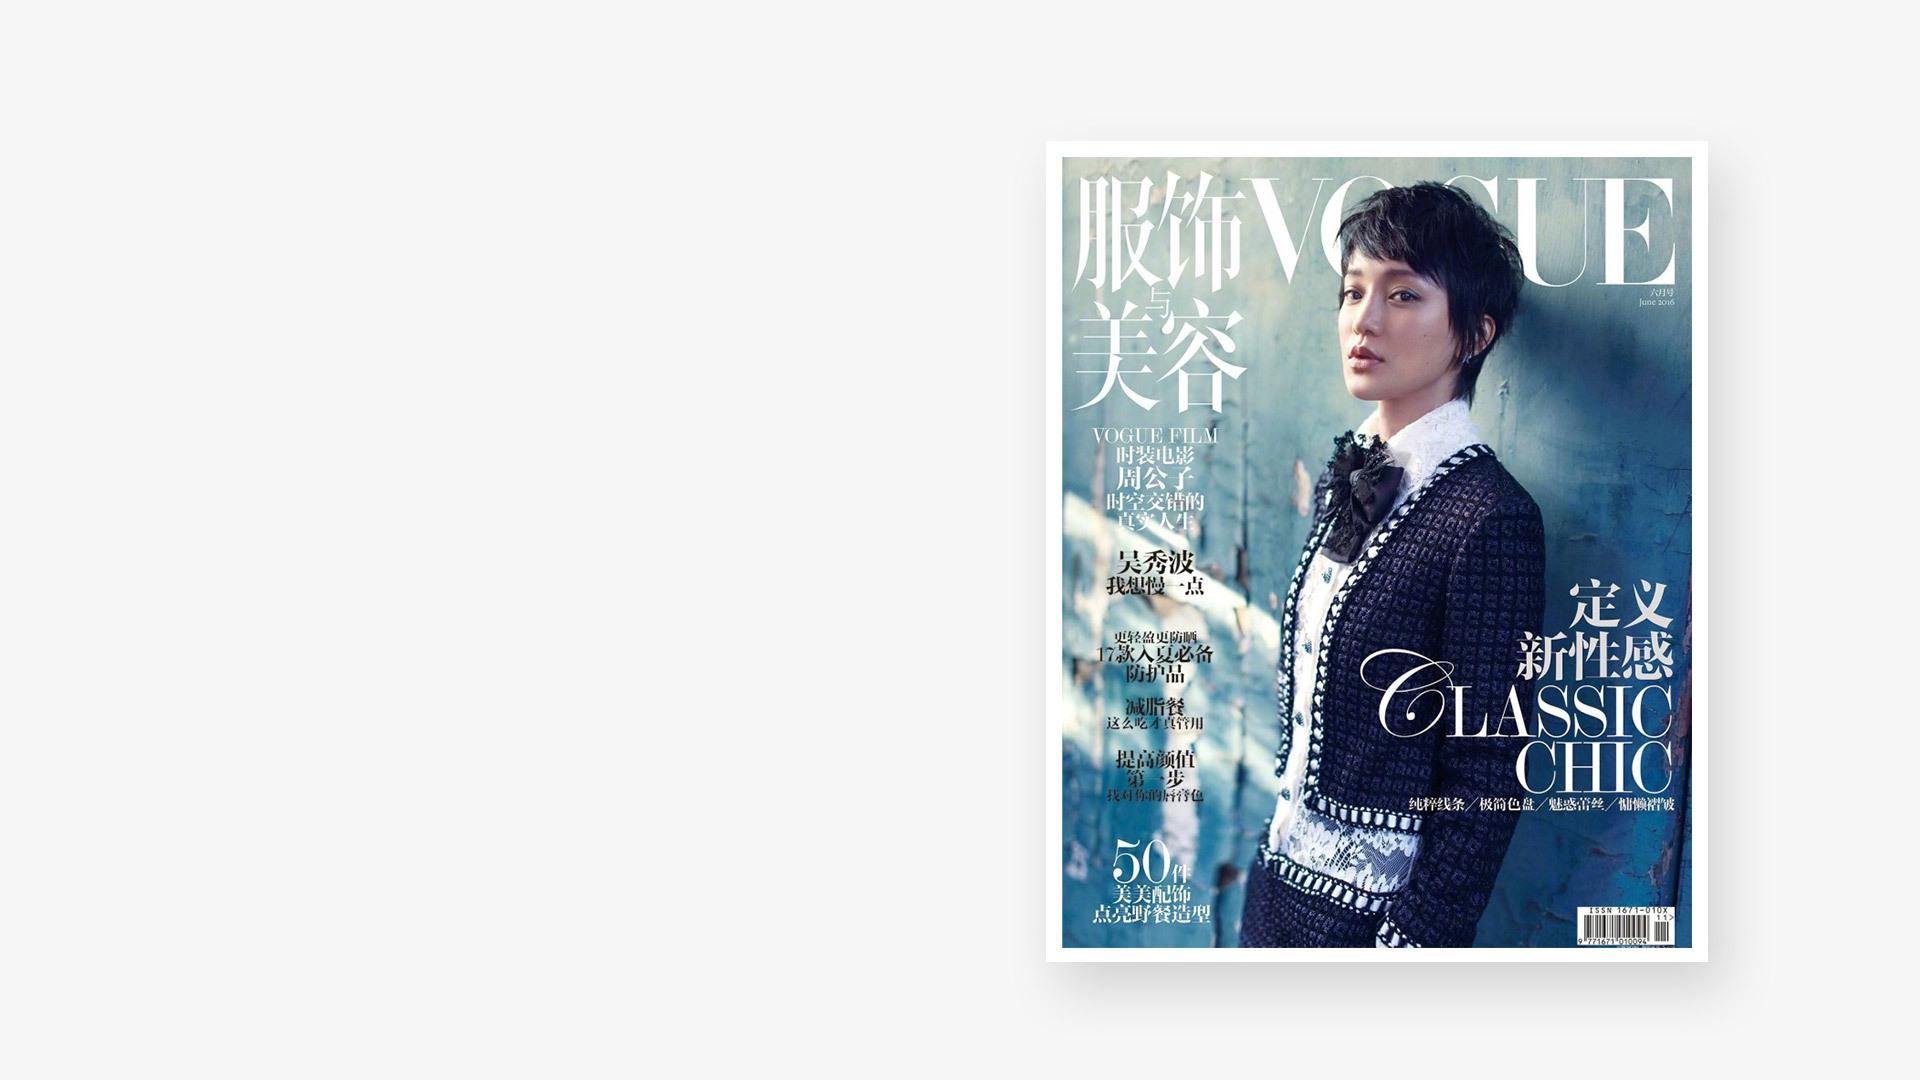 全球领先时尚杂志<br/>携手造作演绎科技与时尚